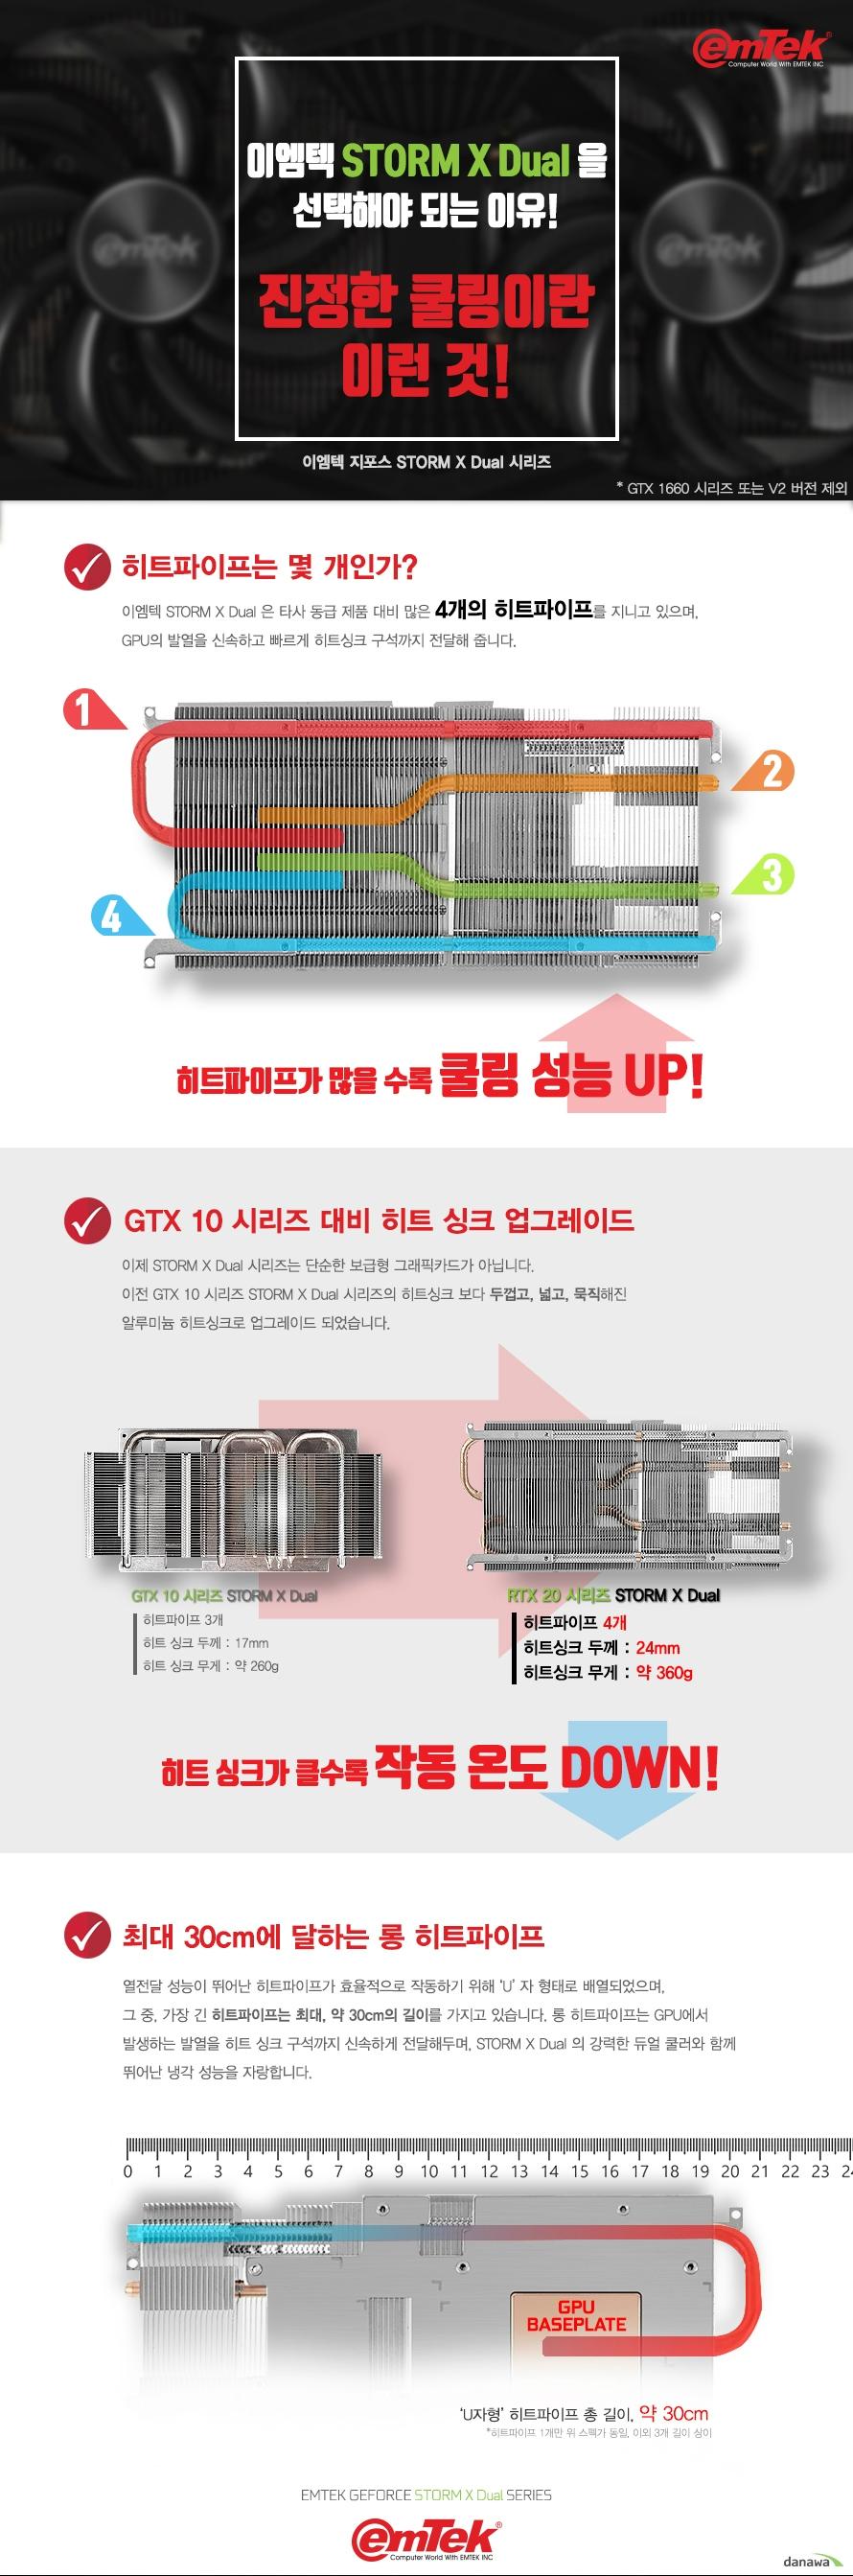 이엠텍 XENON 지포스 GTX1660 Ti STORM X DUAL D6 6GB 백플레이트  쿠다 코어 개수 1536개 베이스 클럭 1500 메가헤르츠 부스트 클럭 1770 메가헤르츠  메모리 버스 192비트 메모리 타입 GDDR6 6기가바이트 메모리 클럭 12000 메가 헤르츠  디스플레이 포트 듀얼링크 DVI D 포트 1개 HDMI 2.0B 포트 1개 DP 1.4 포트 1개  최대 해상도  7680X4320 지원 최대 3대 멀티 디스플레이 지원  소비 전력 120와트 권장 전력 450와트 이상 8핀 전원 커넥터 사용  제품 크기  길이 235밀리미터 넓이 112밀리미터 두께 2슬롯  지원 운영체제 윈도우 10 7 및 64비트 및 리눅스 64비트 지원 KC 인증번호 R R EMT PT N166TI  쿨링 시스템  90밀리미터 듀얼 쿨링 팬 알루미늄 히트싱크 6밀리미터 구리 히트 파이프 4개